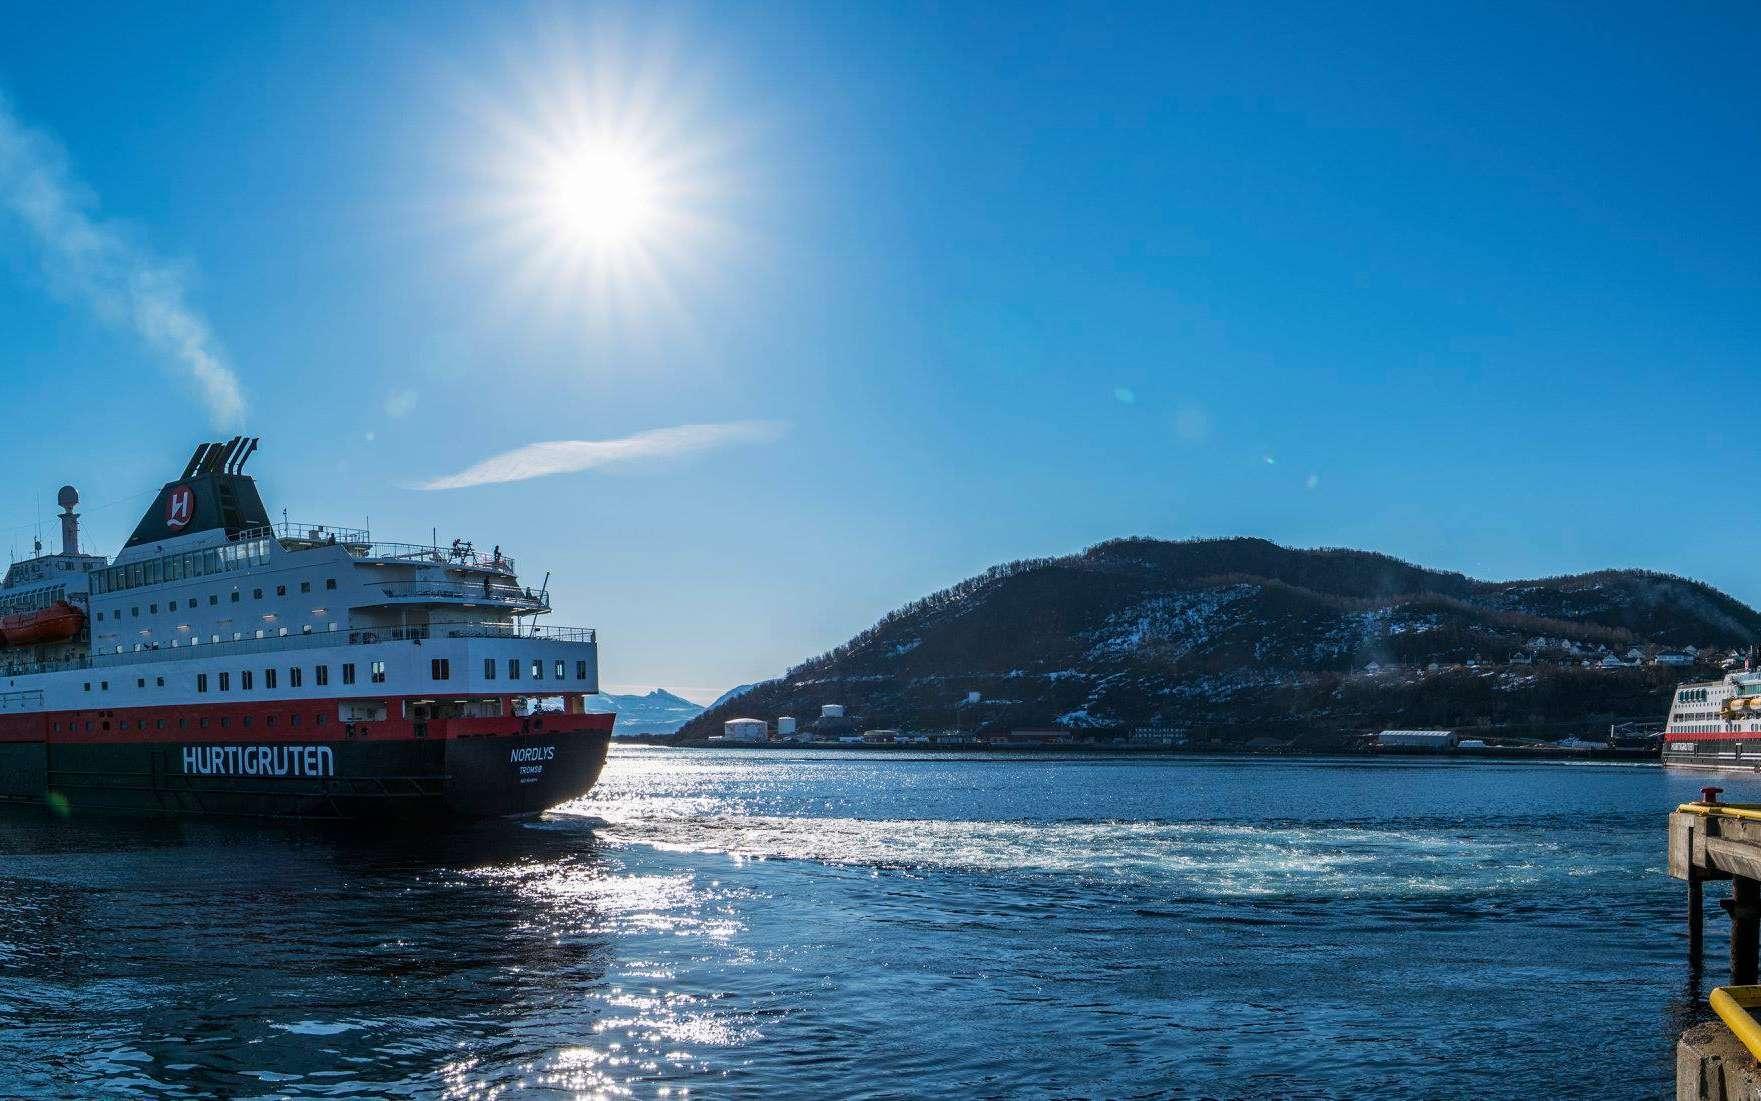 Hurtigruten va faire naviguer ses navires aux déchets de poissons. © Harald Mikal Halvorsen, Facebook